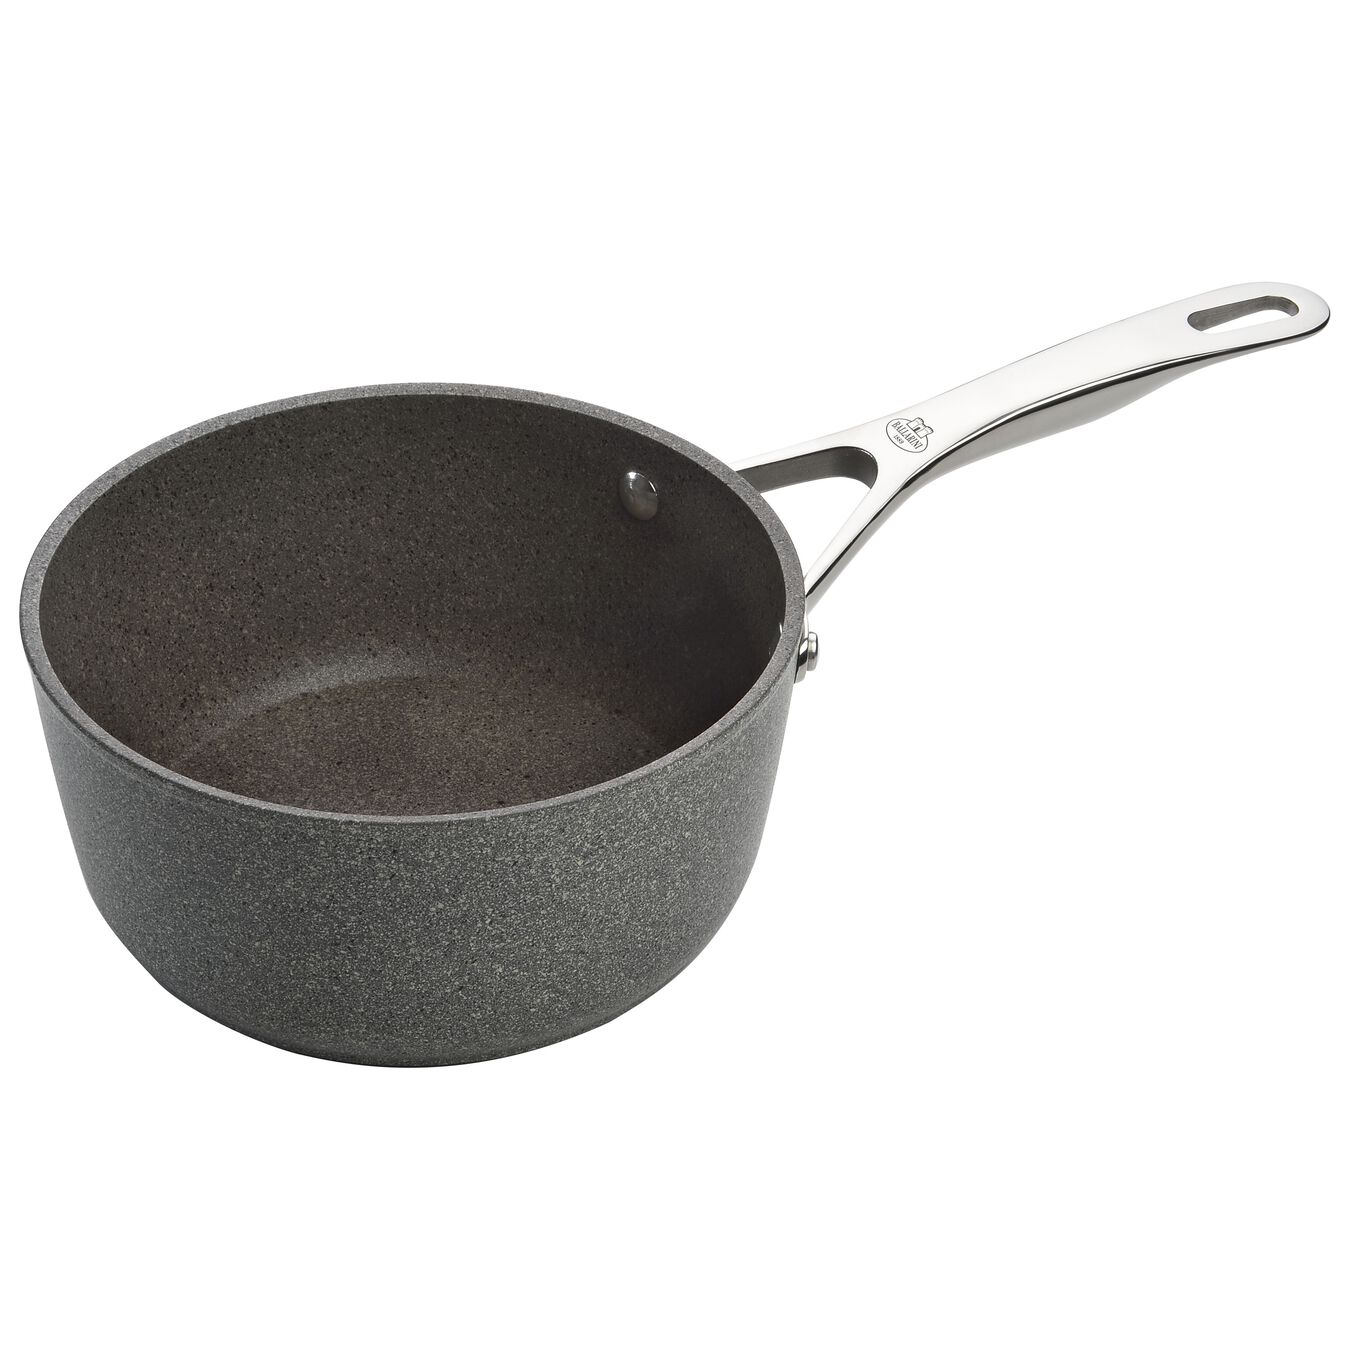 Stieltopf 20 cm, Aluminium, Steinoptik grau,,large 1